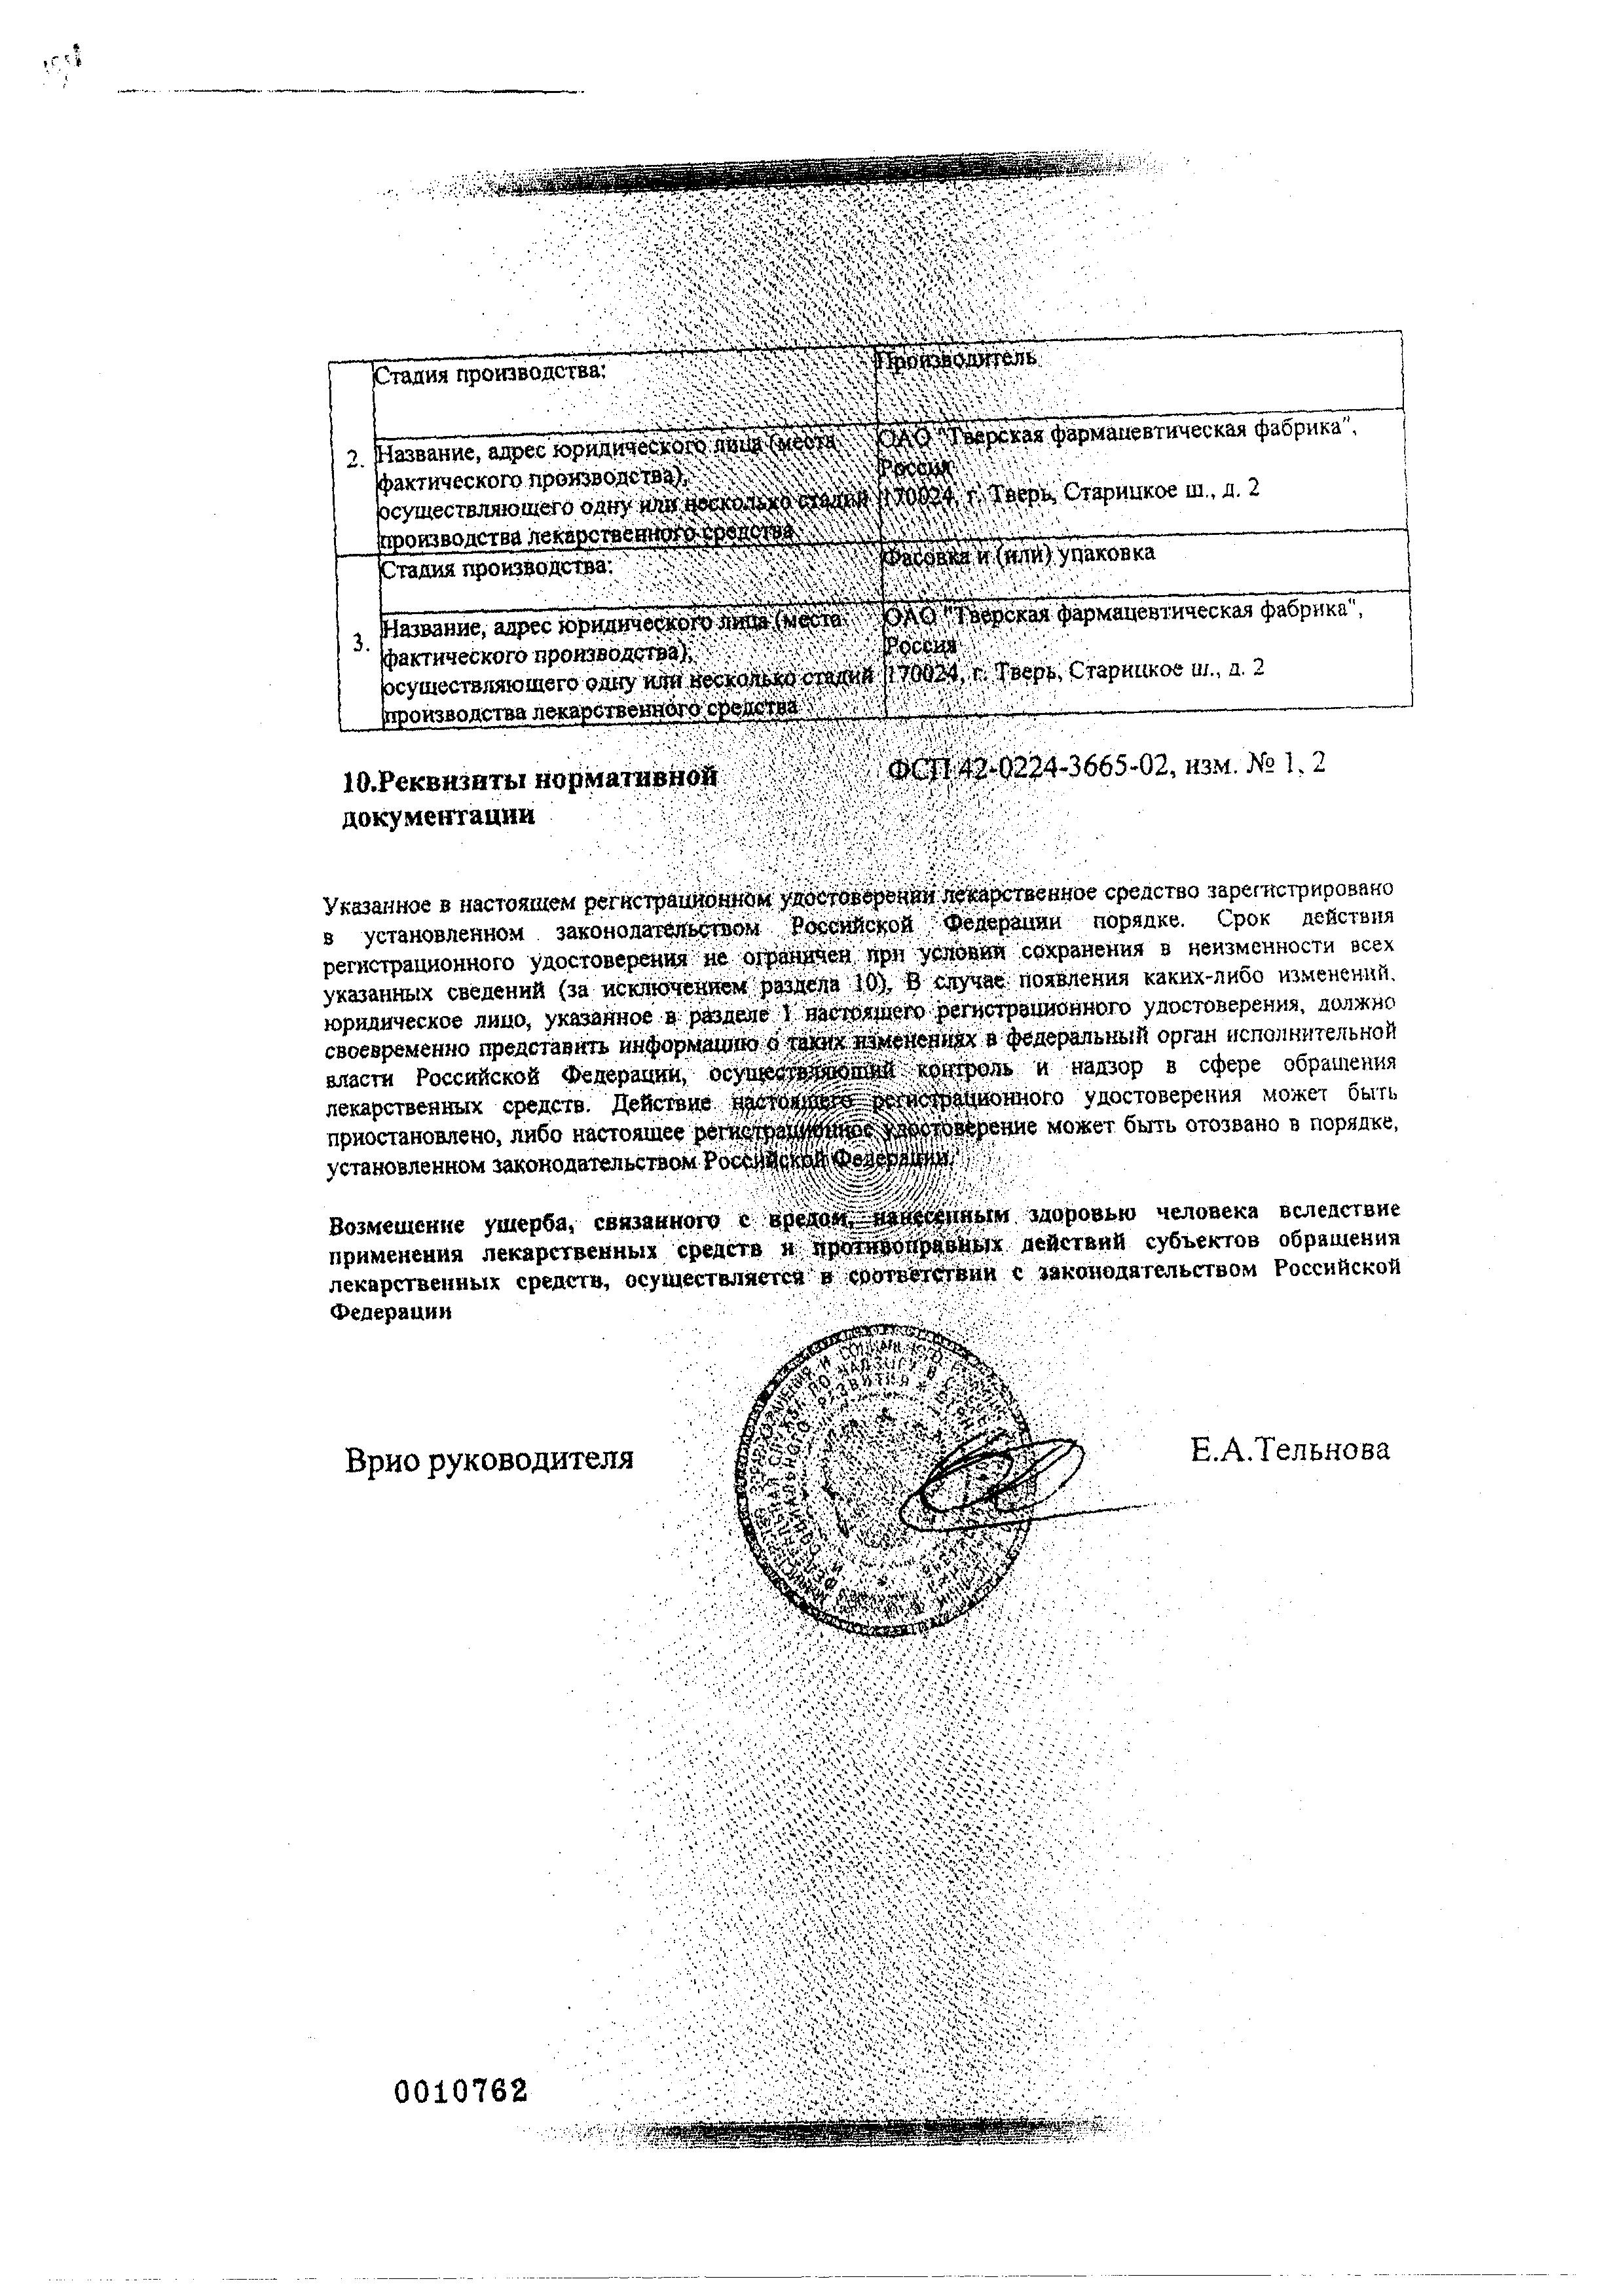 Нашатырно-анисовые капли сертификат